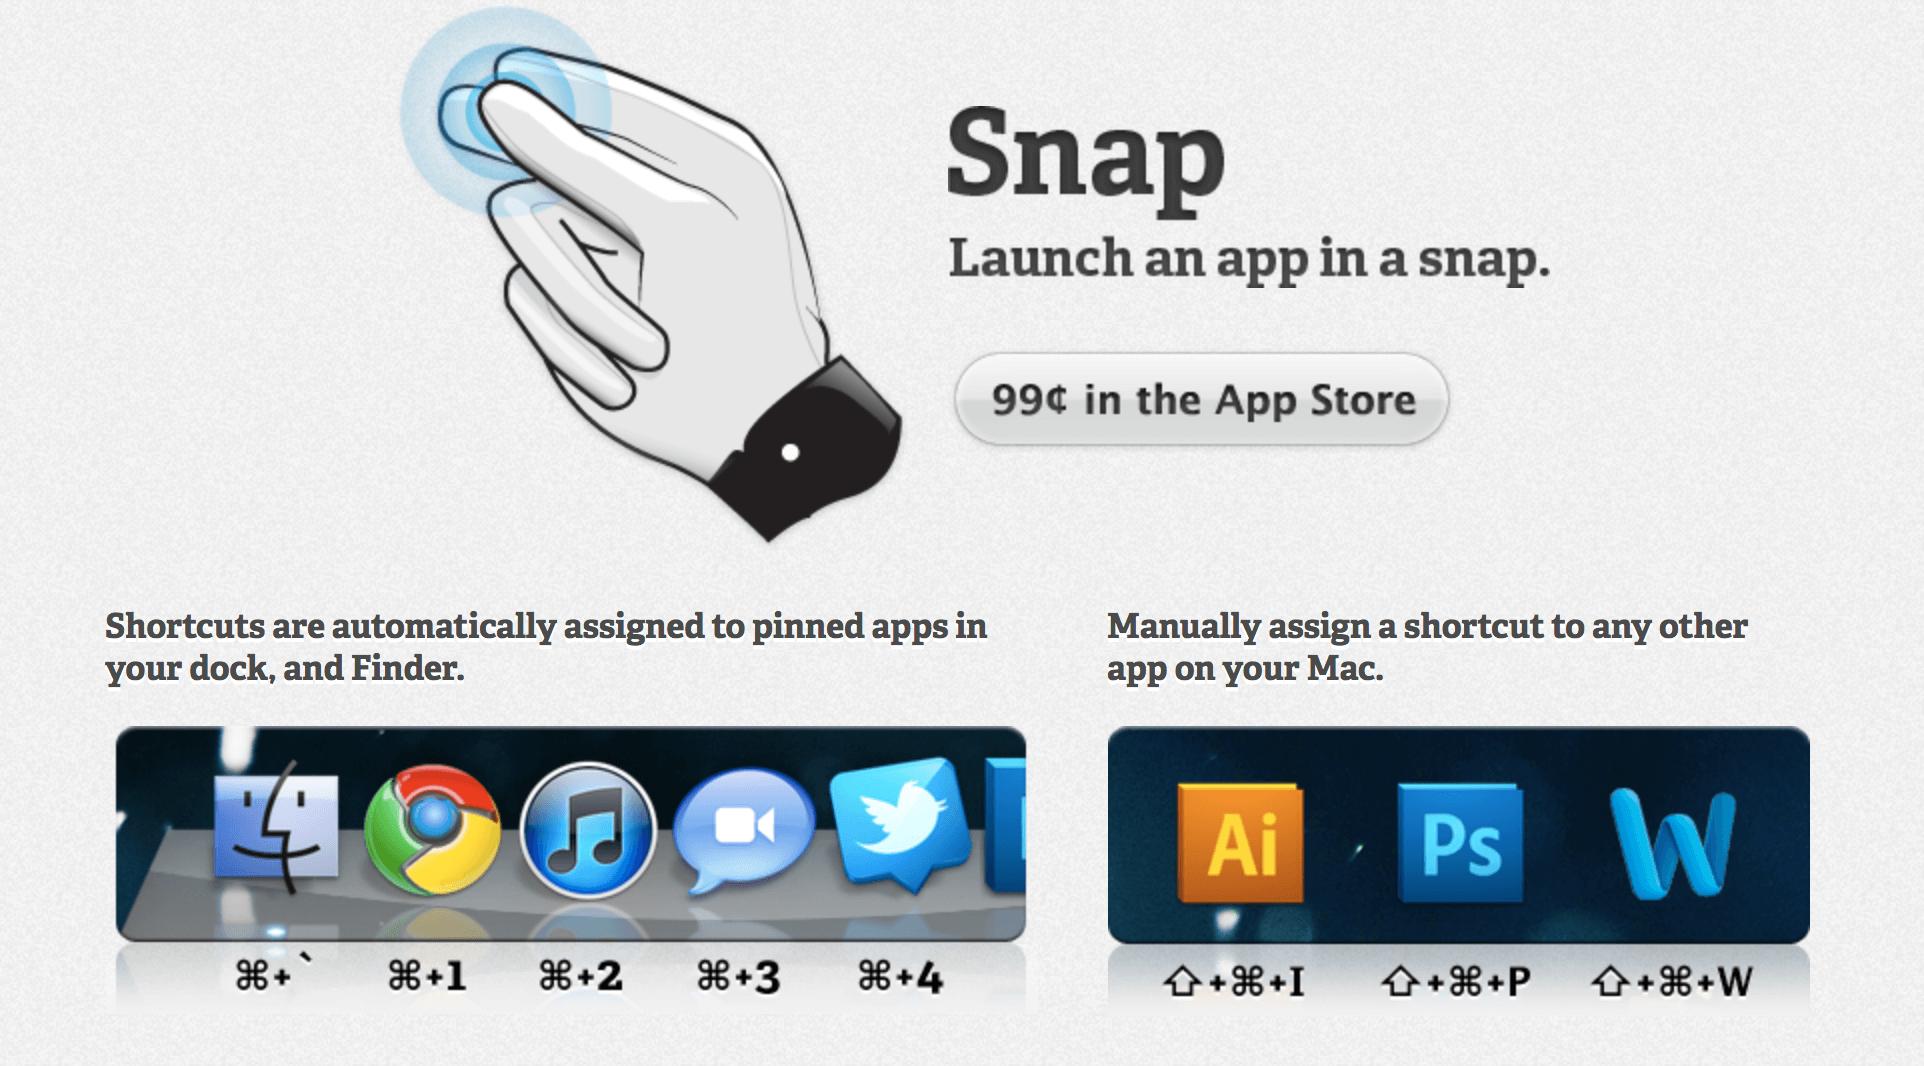 e7aad20dca 殴り書きアプリは、まずホットキー、もしくは数回の打鍵で起動できなくてはなりません。これは殴り書きアプリ自体の機能でもいいですし、他のアプリで補佐しても構い  ...